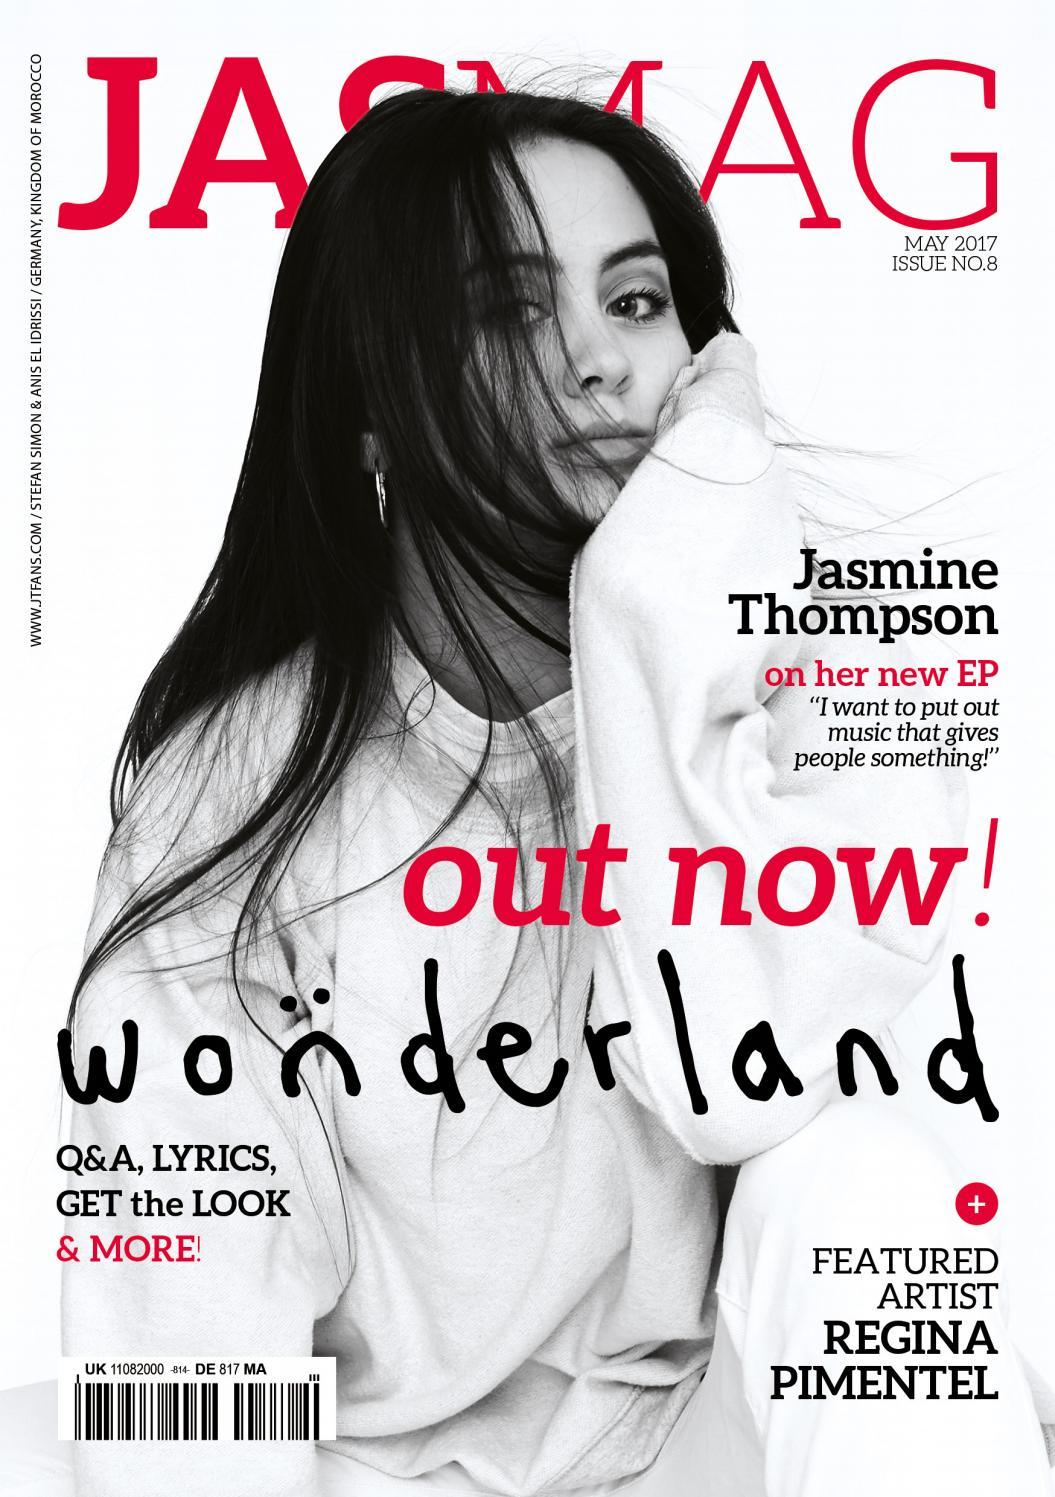 Jasmine Thompson - JasMag #8 by JasmineFanpage - issuu